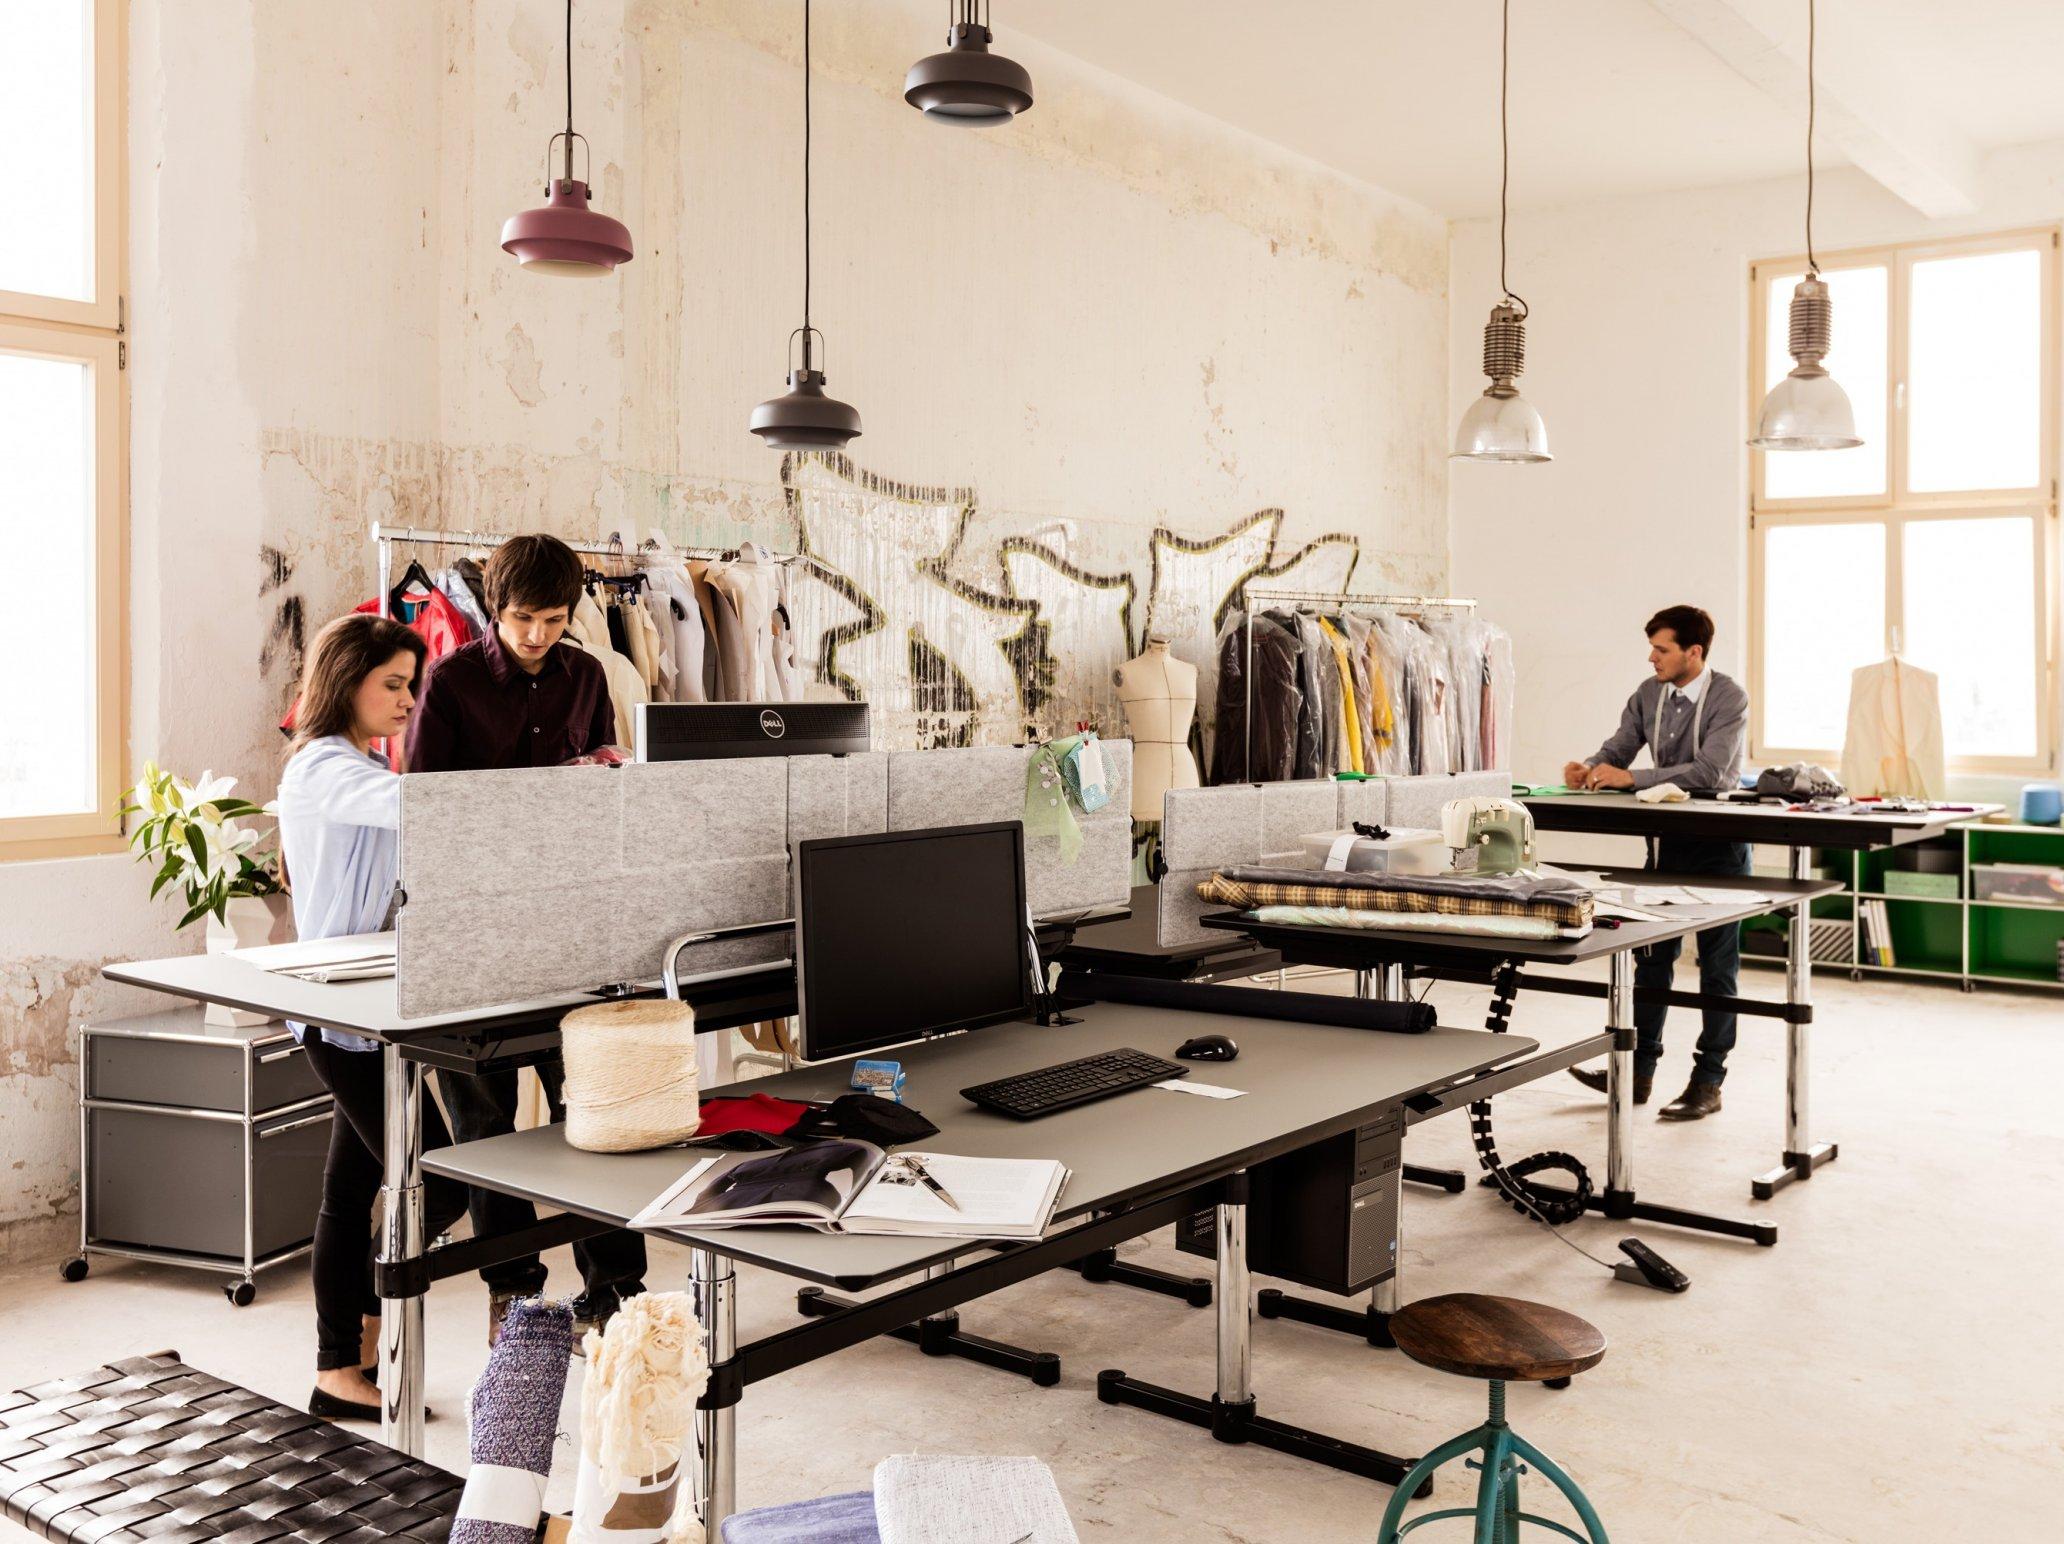 Höhenverstellbare Schreibtische Atelier